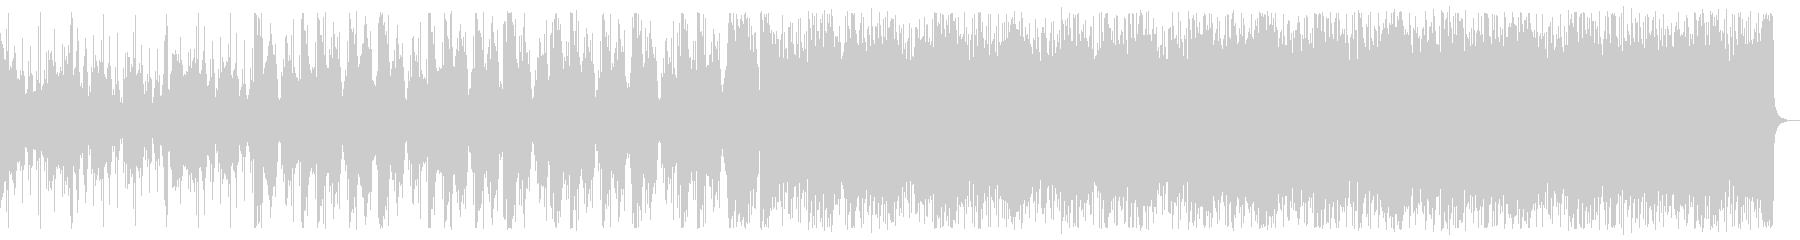 レトロ/エレクトロ_No591_3の未再生の波形